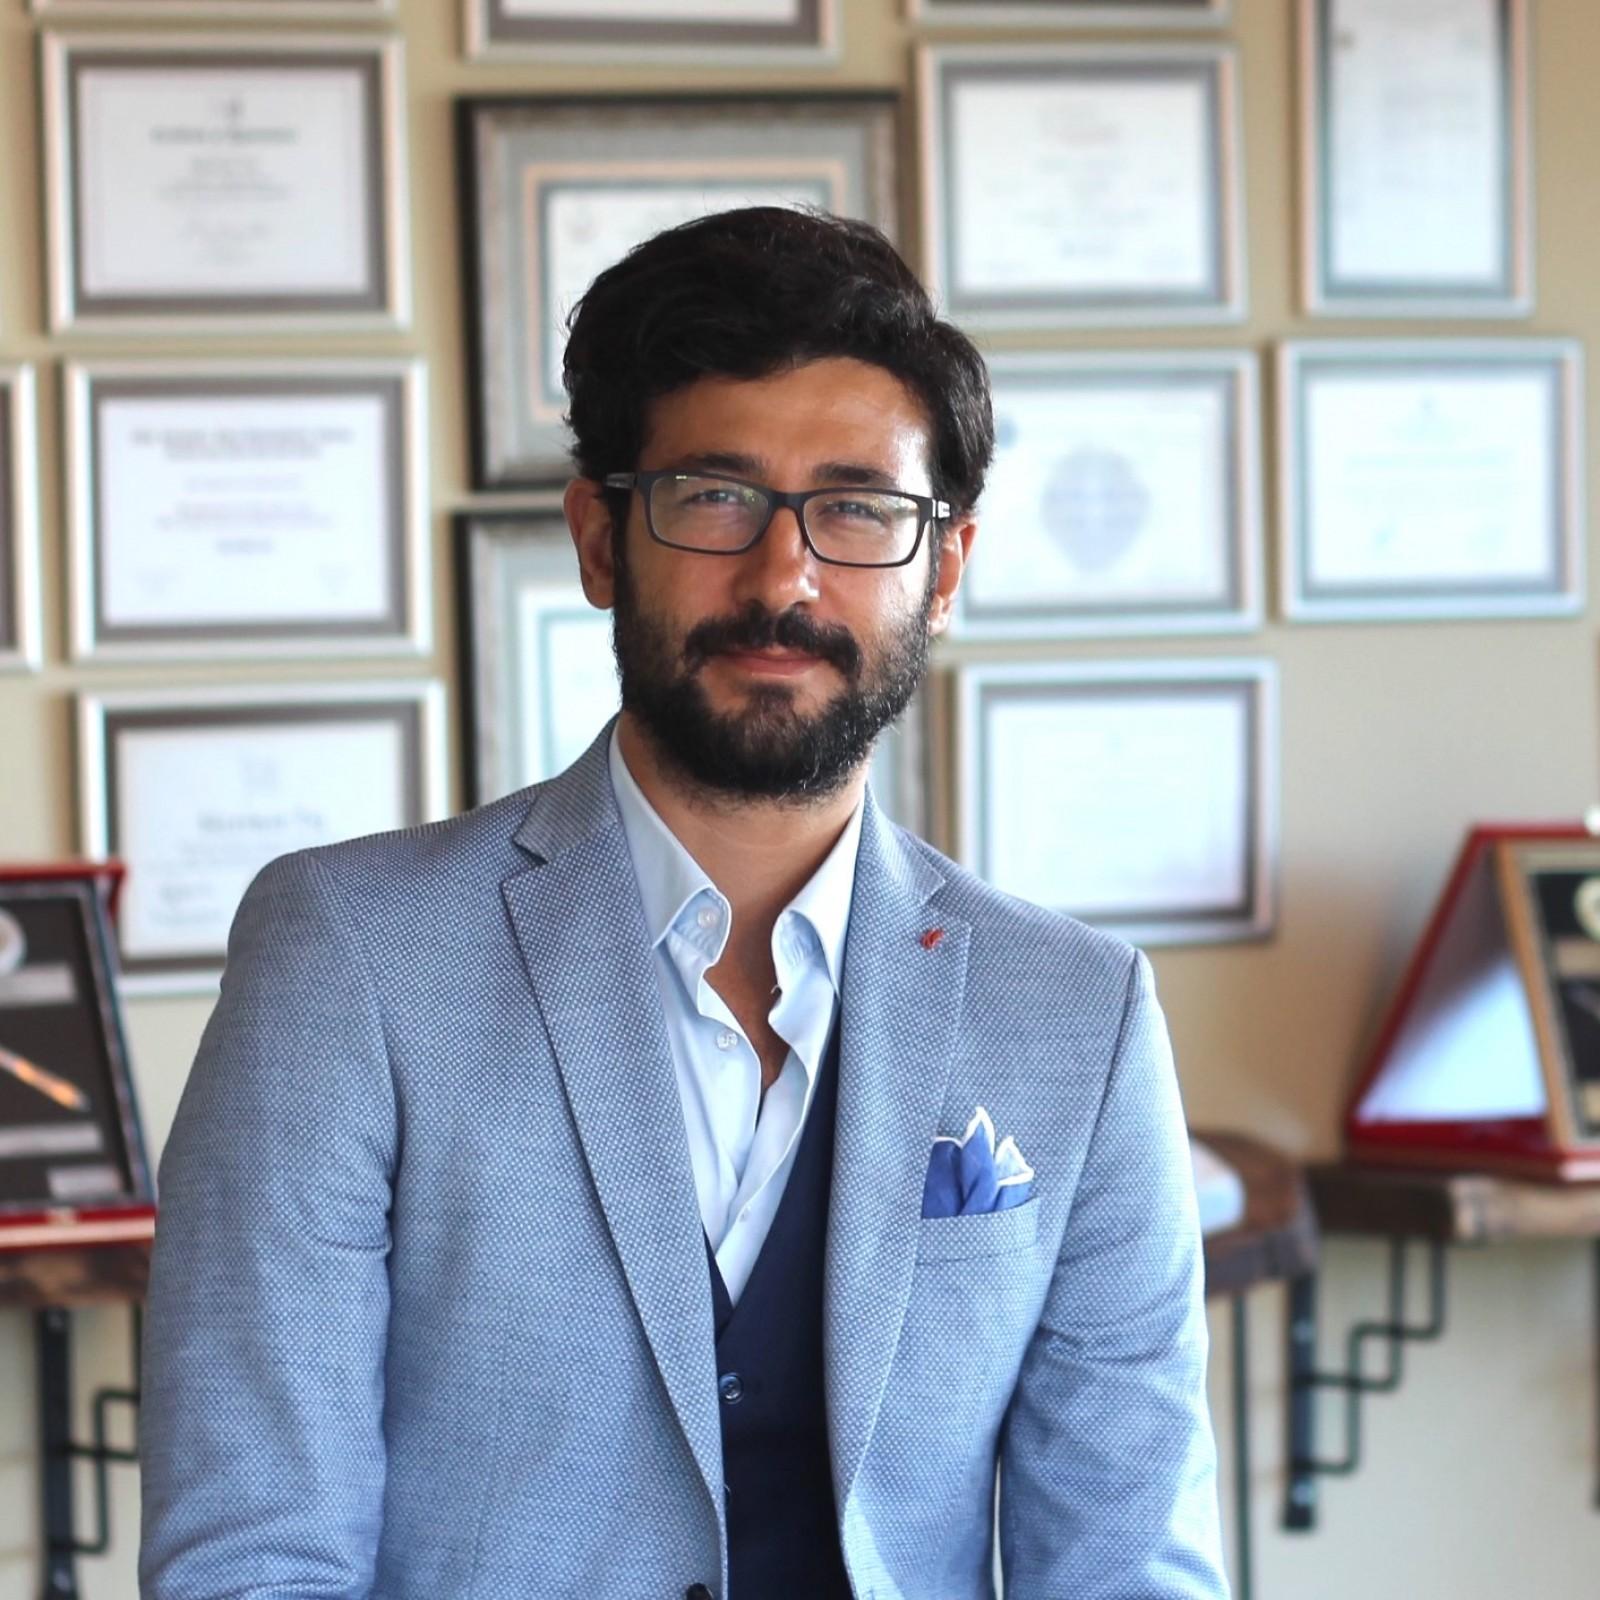 Dr Suleyman TAS